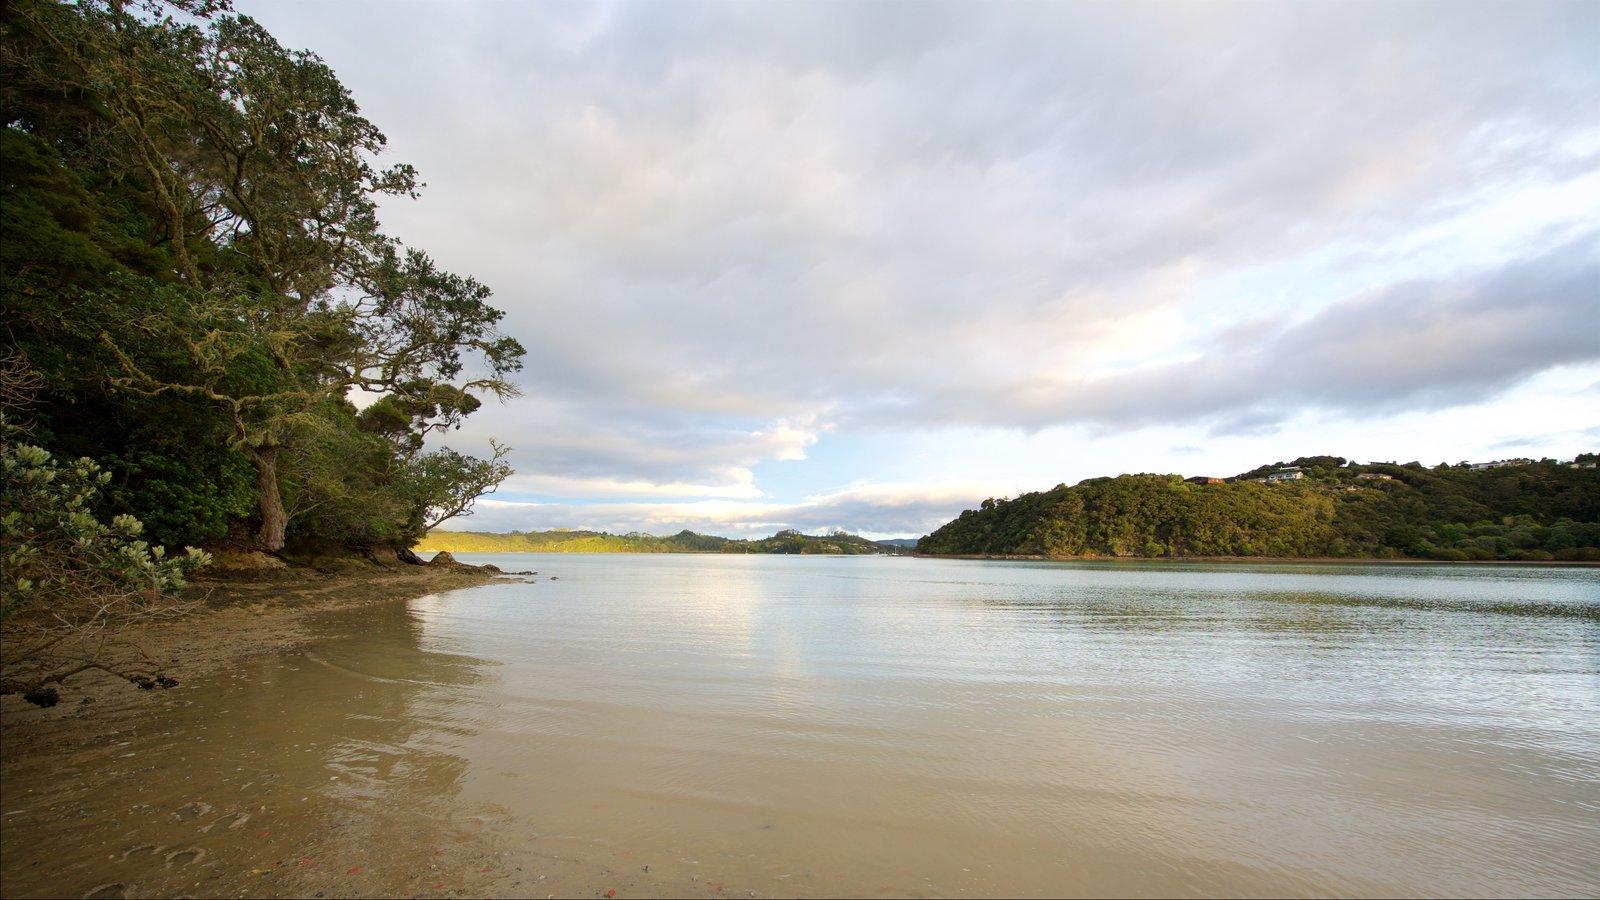 Paihia ofreciendo una bahía o puerto y vistas generales de la costa